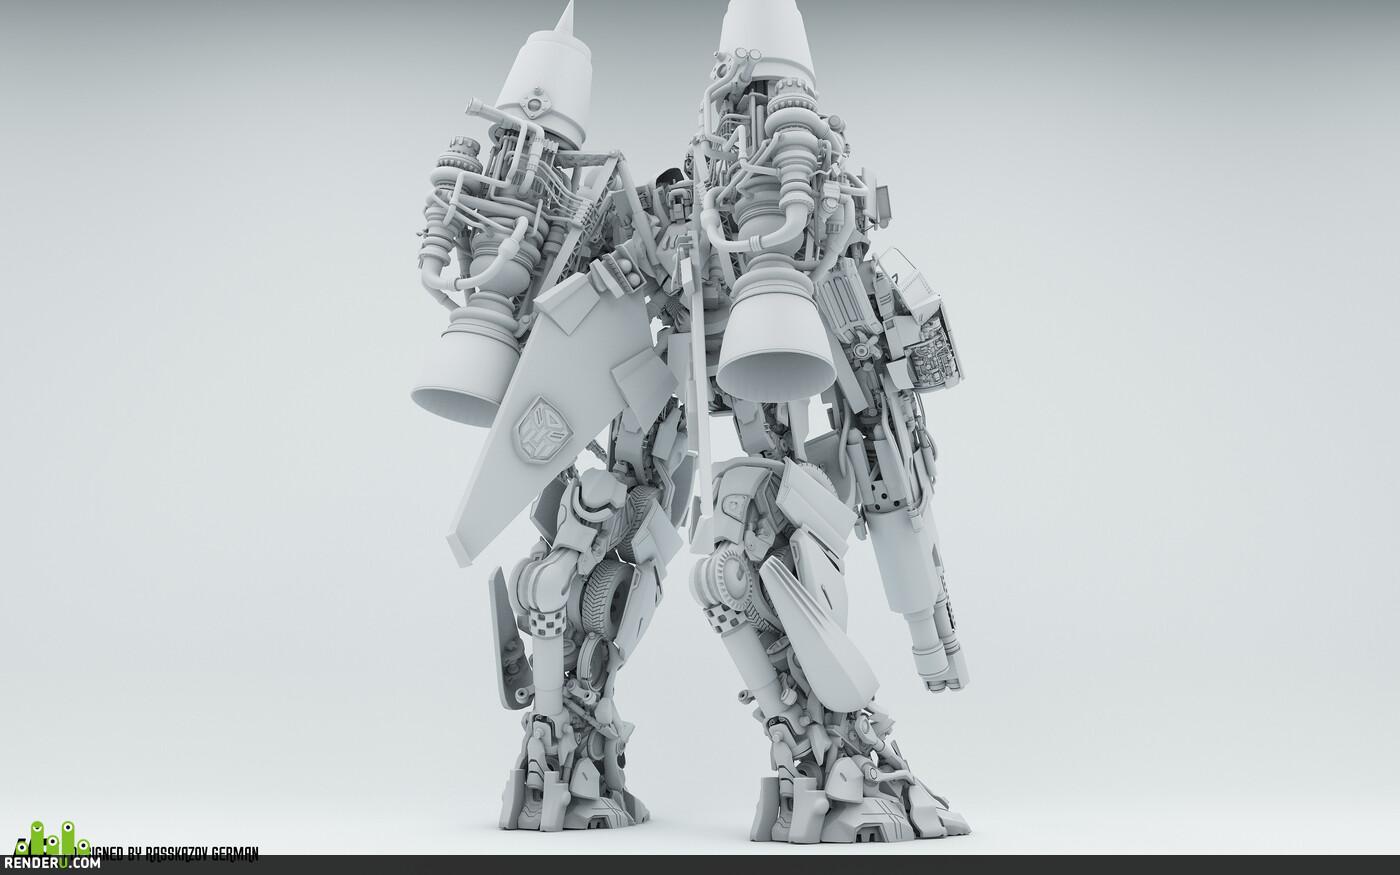 Optimus Prime, Autobots, Transformers, robot, Robots